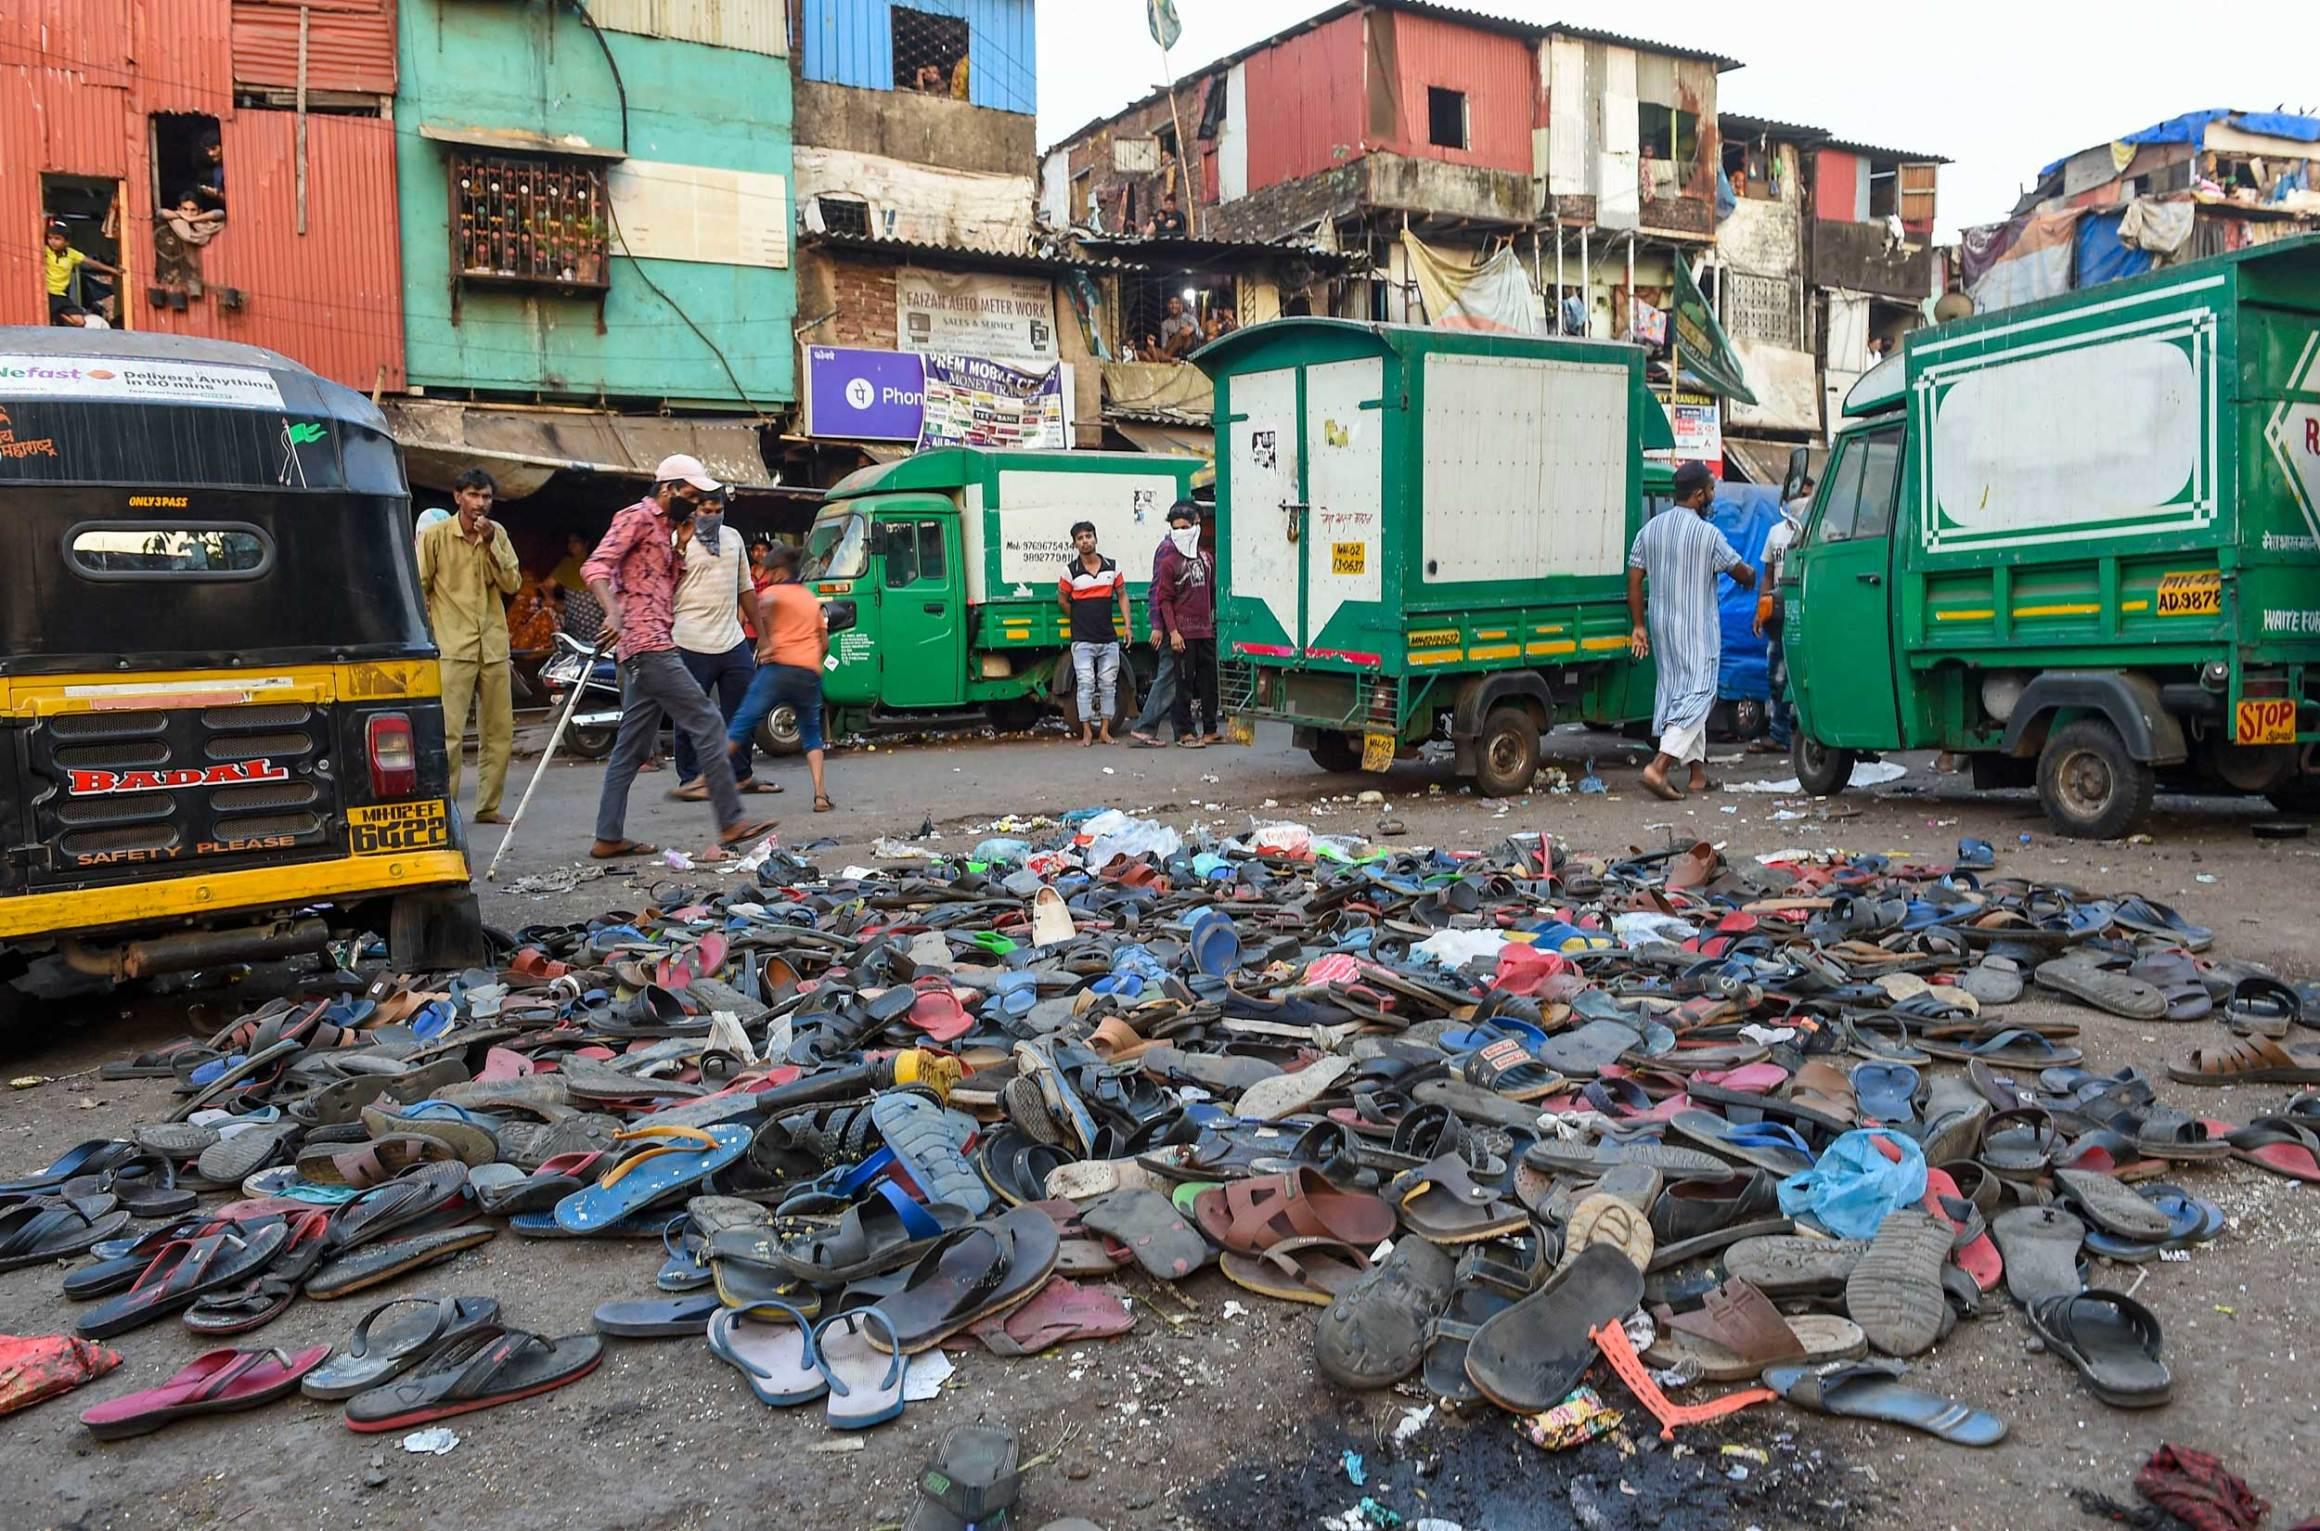 ممبئی کے باندرہ ریلوے اسٹیشن کے باہر منگل کوجمع بھیڑ کو پولیس کے ذریعے منتشر کئے جانے کے بعد وہاں لوگوں کی چپلیں۔ (فوٹو: پی ٹی آئی)